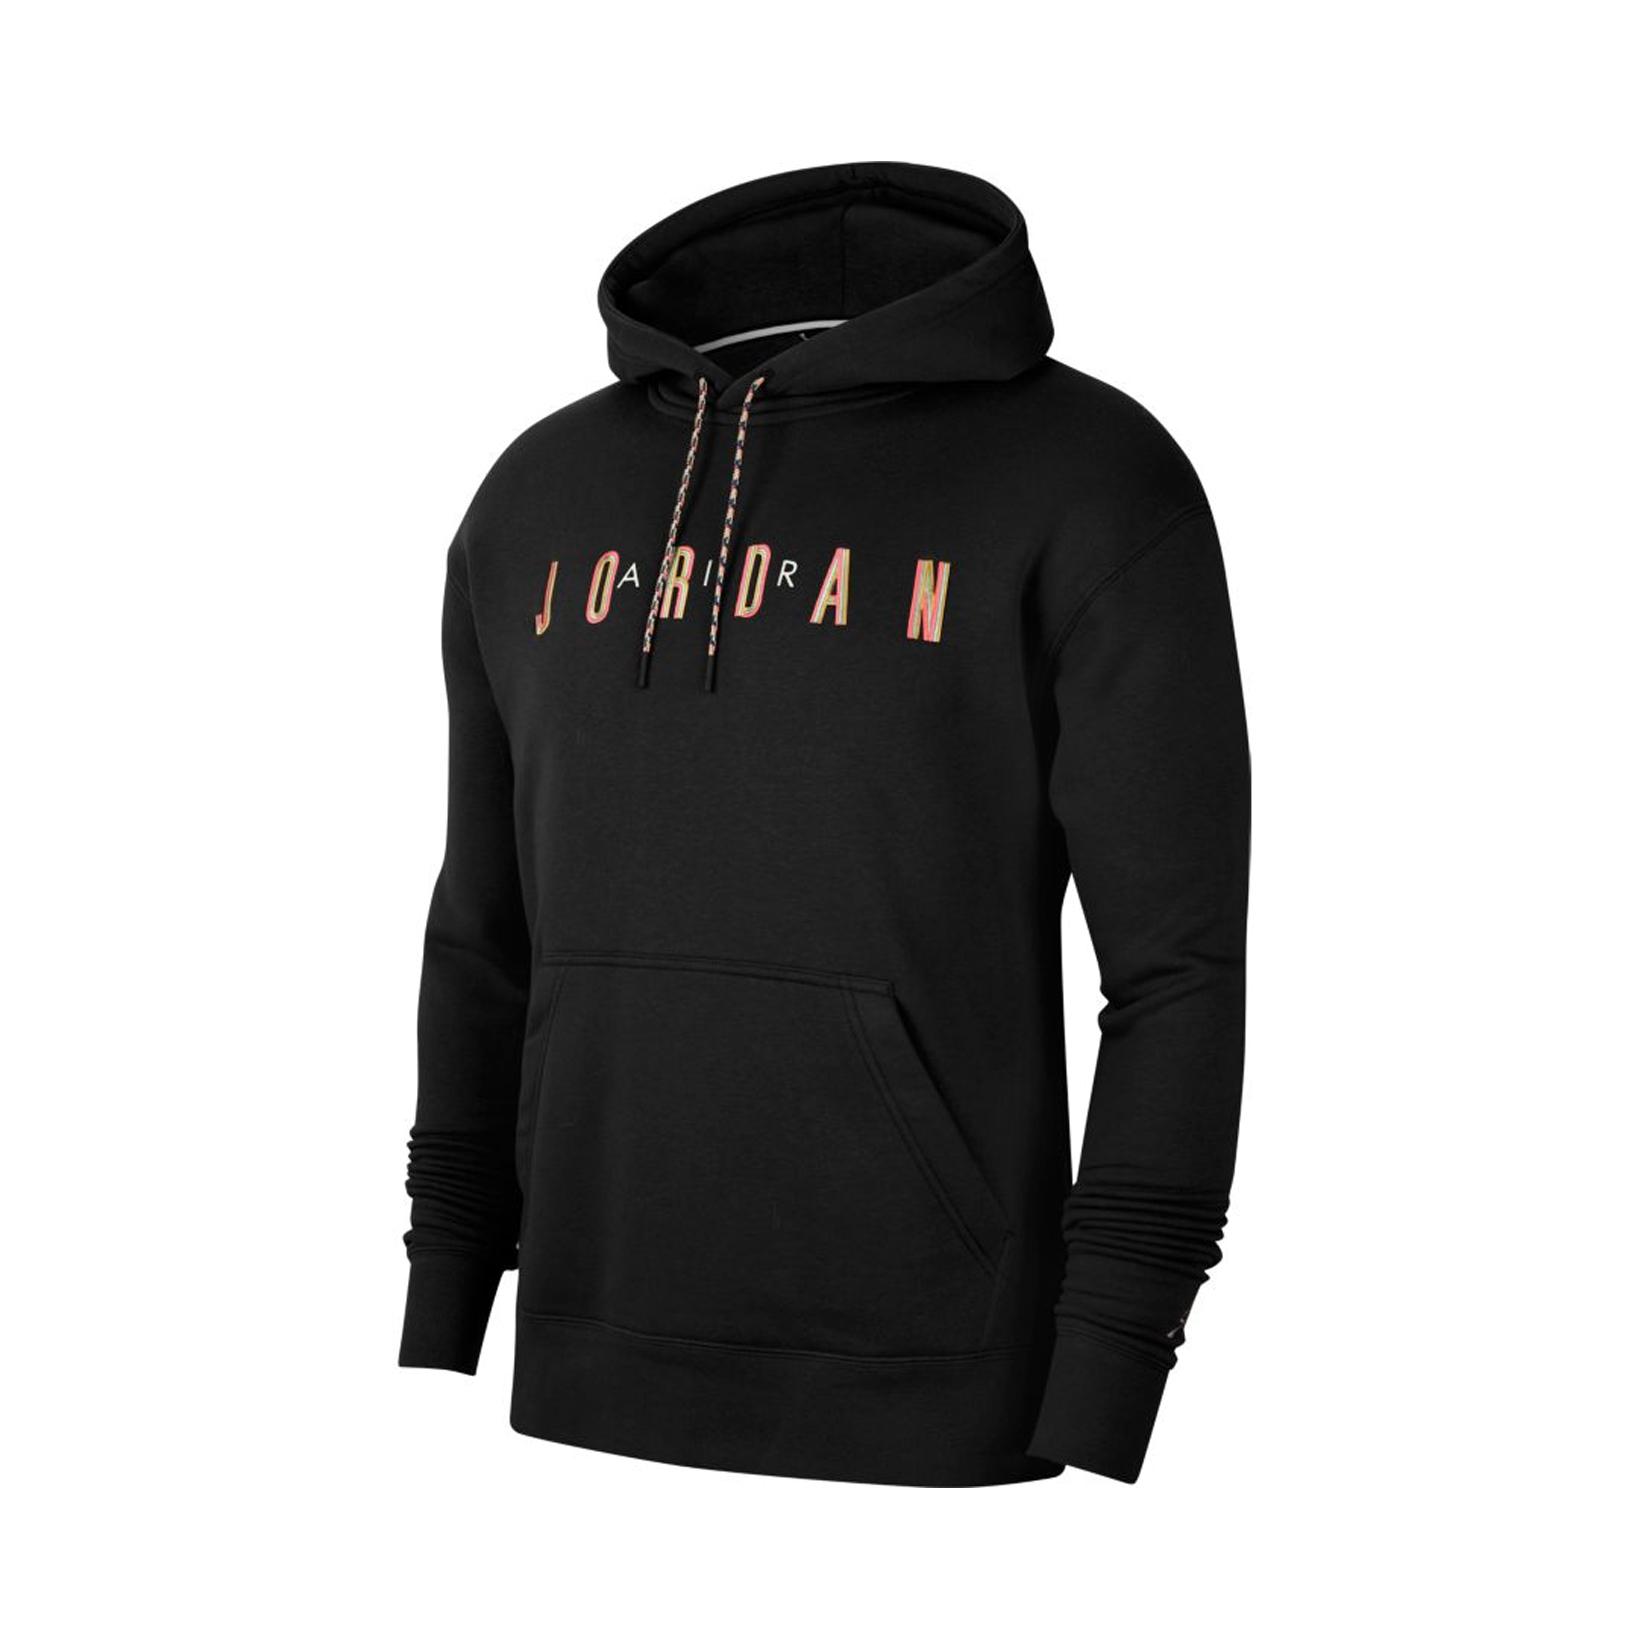 Jordan Sport DNA Hoodie Black